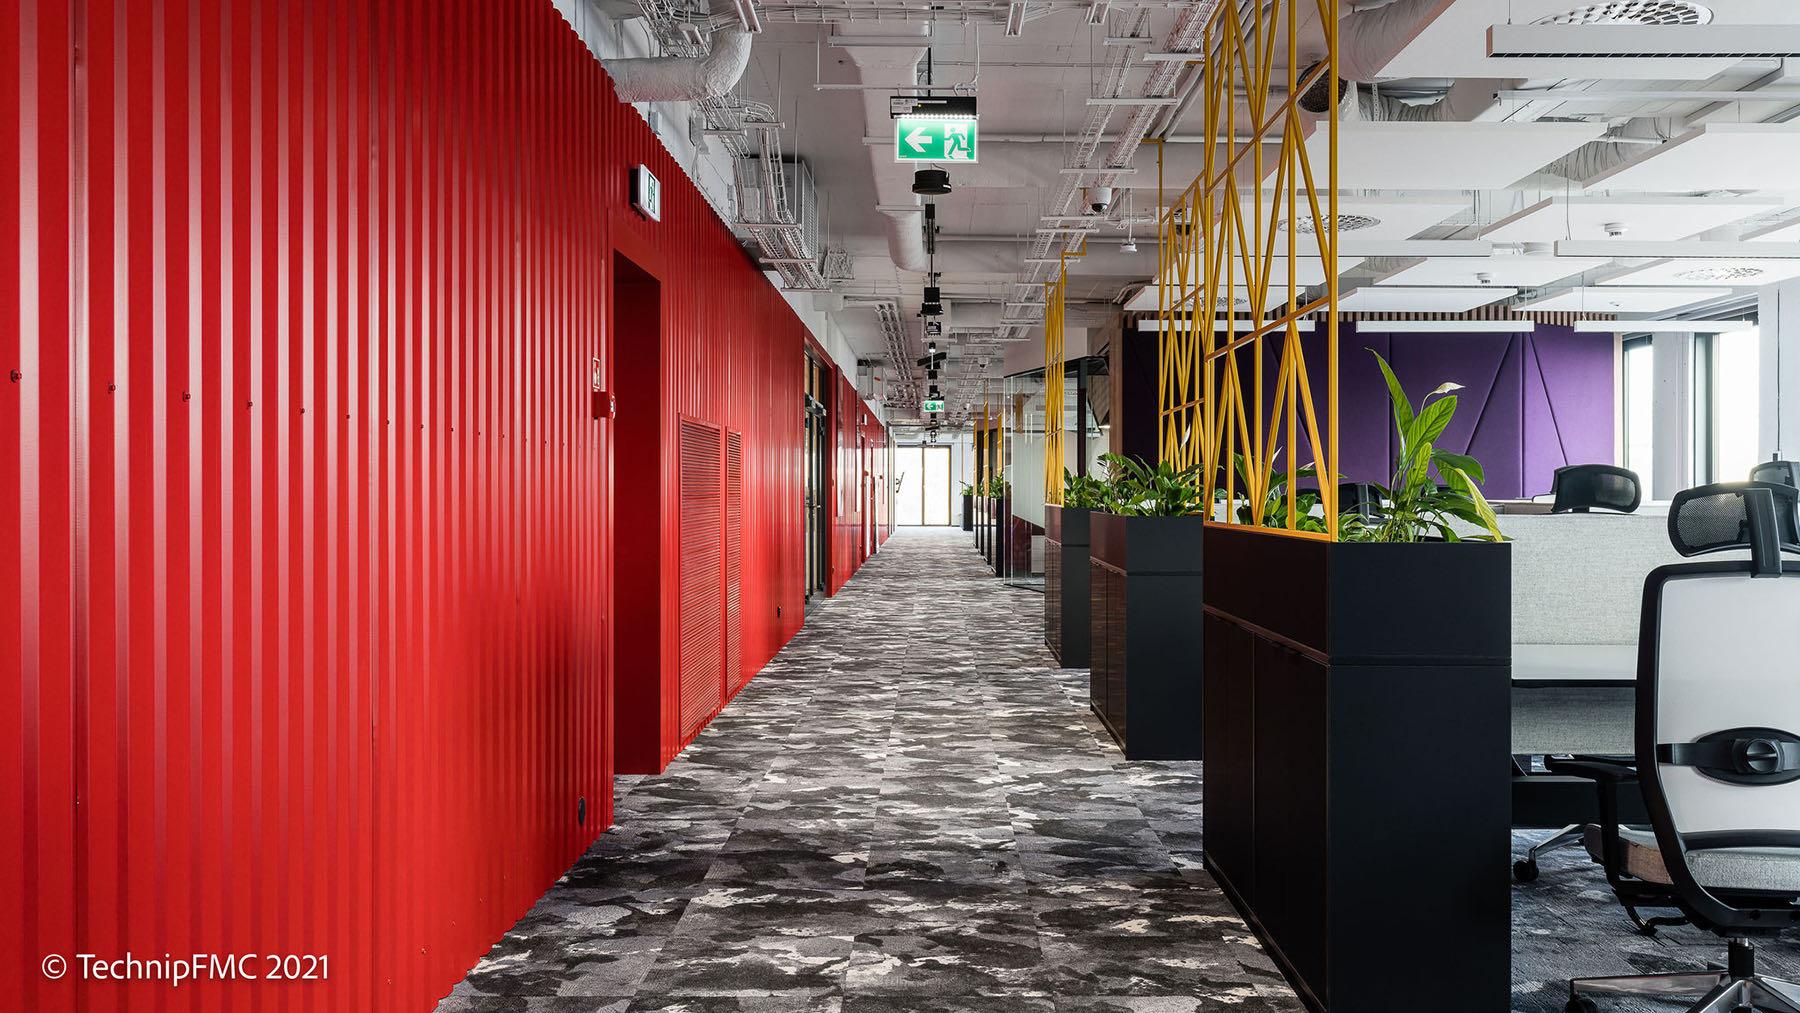 A Tour Of TechnipFMC's Modern New Krakow Office